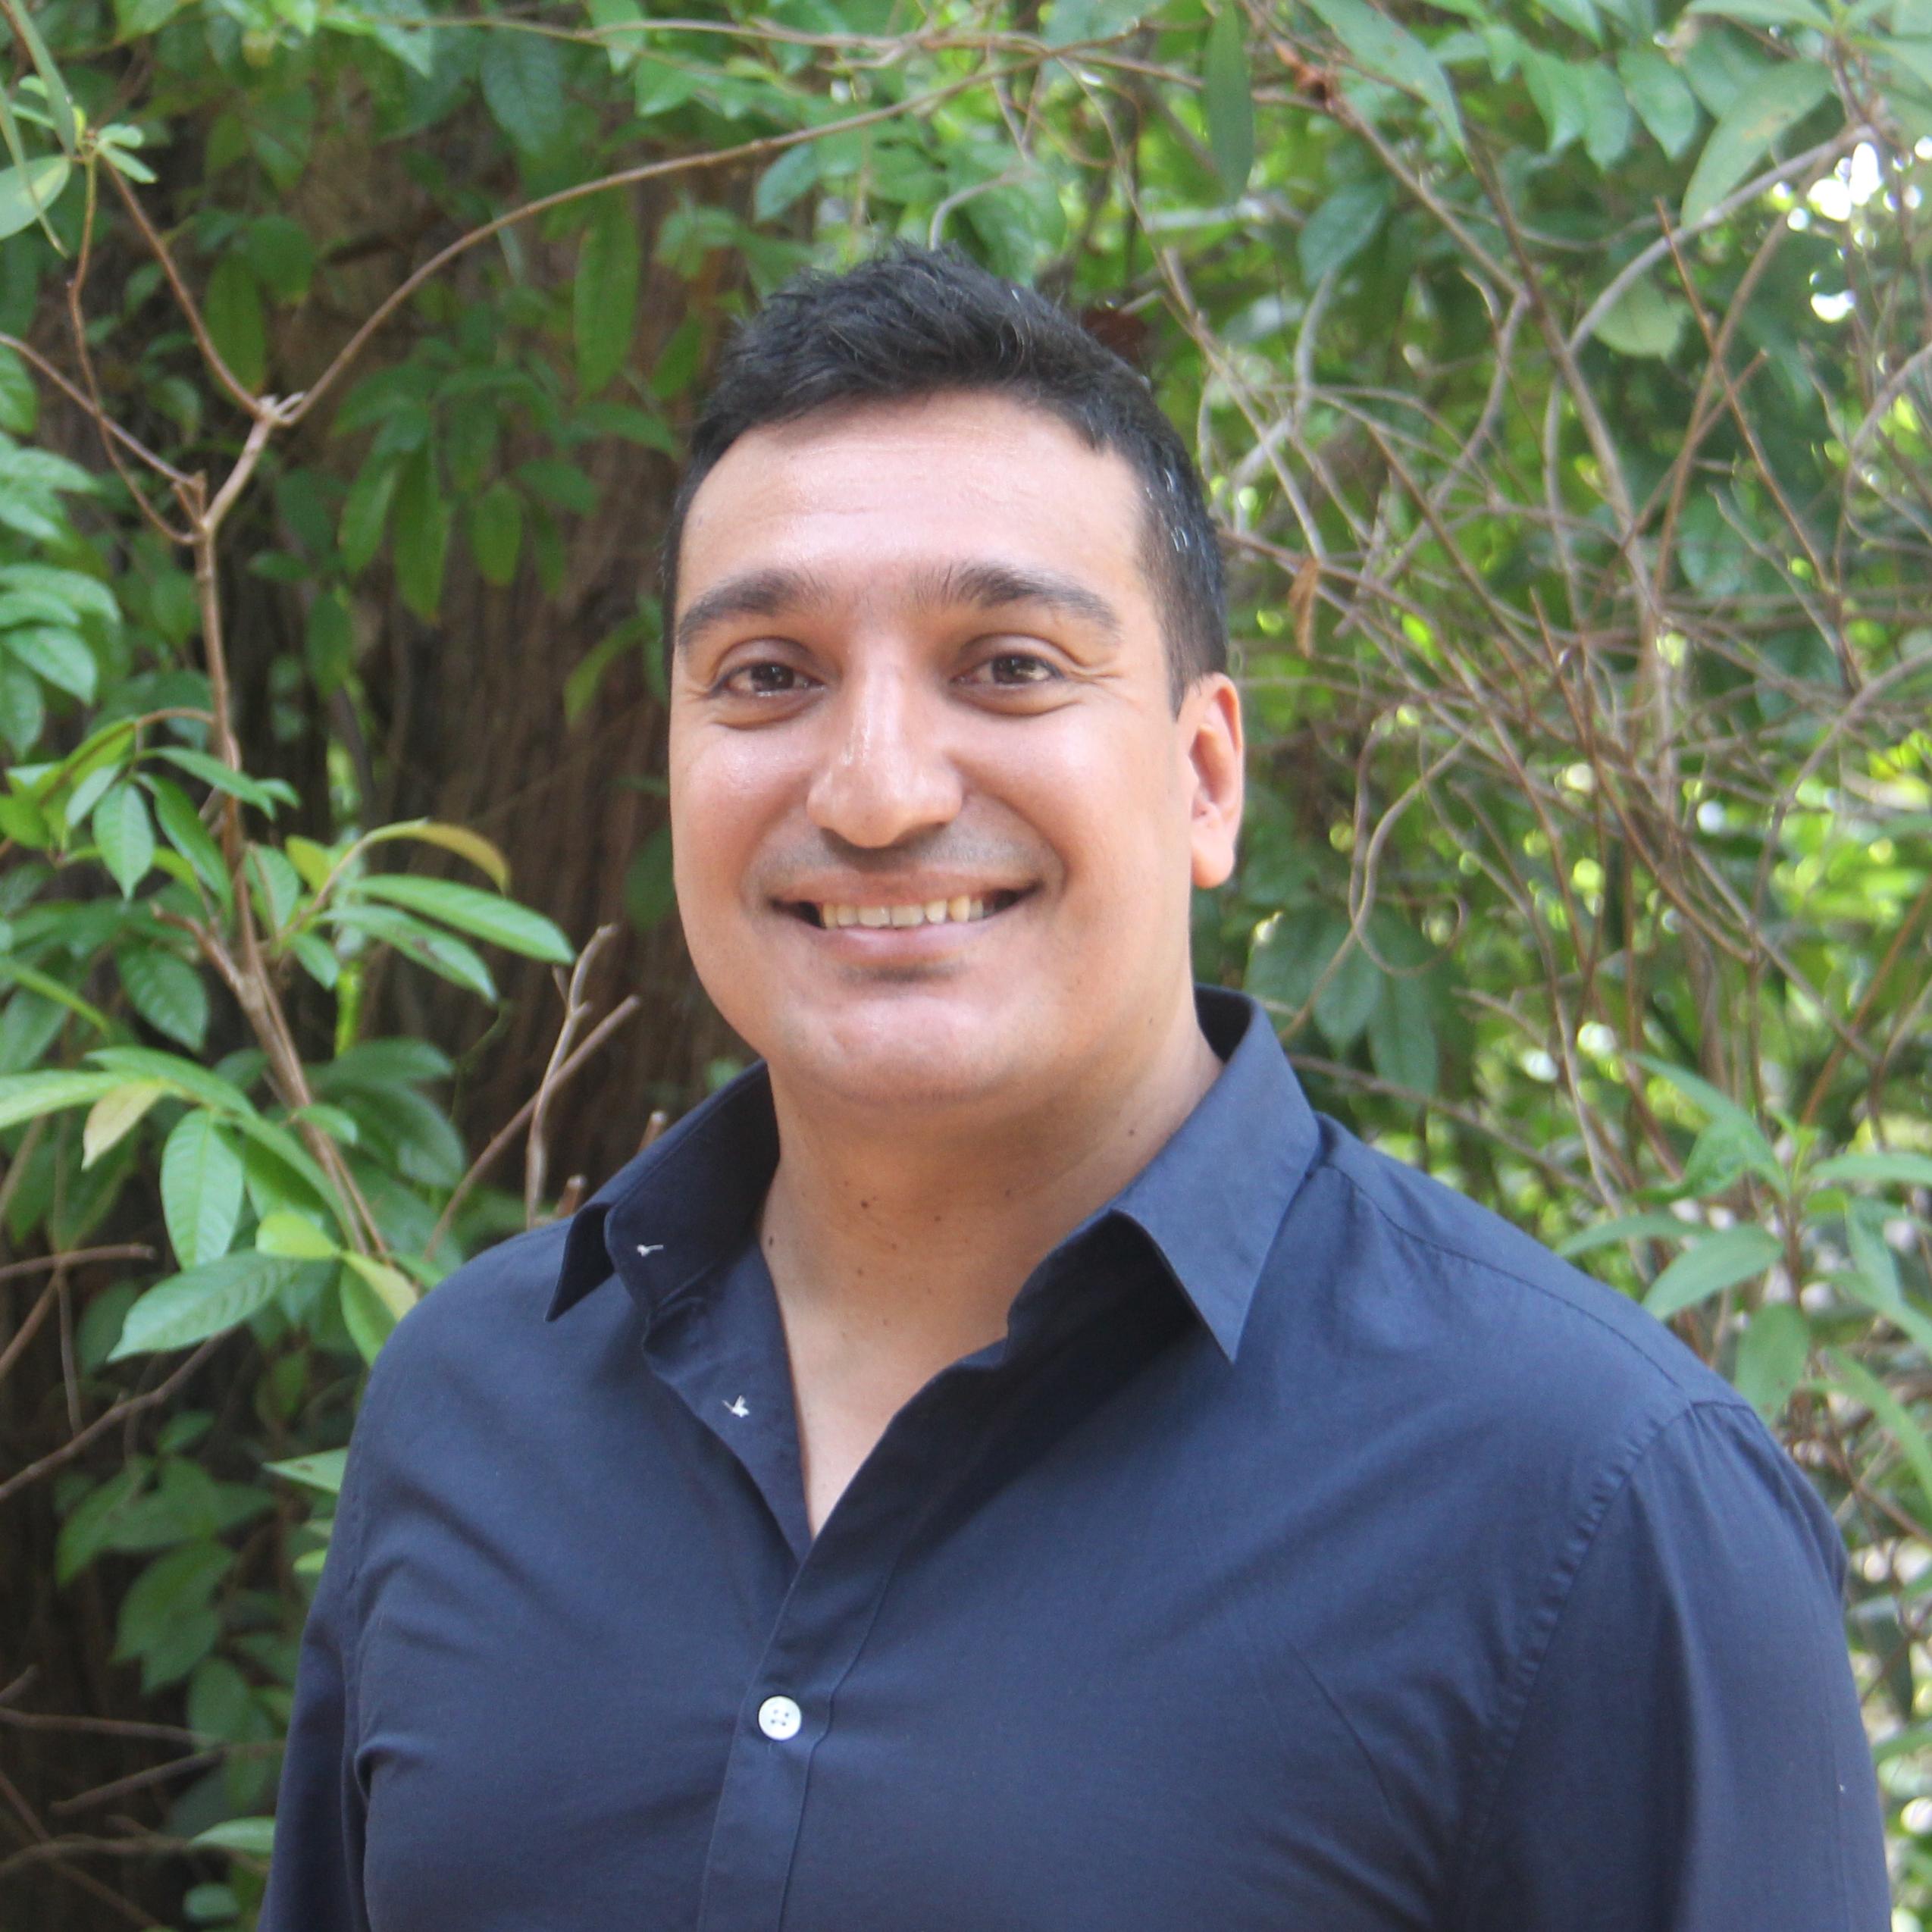 Zishan Amir